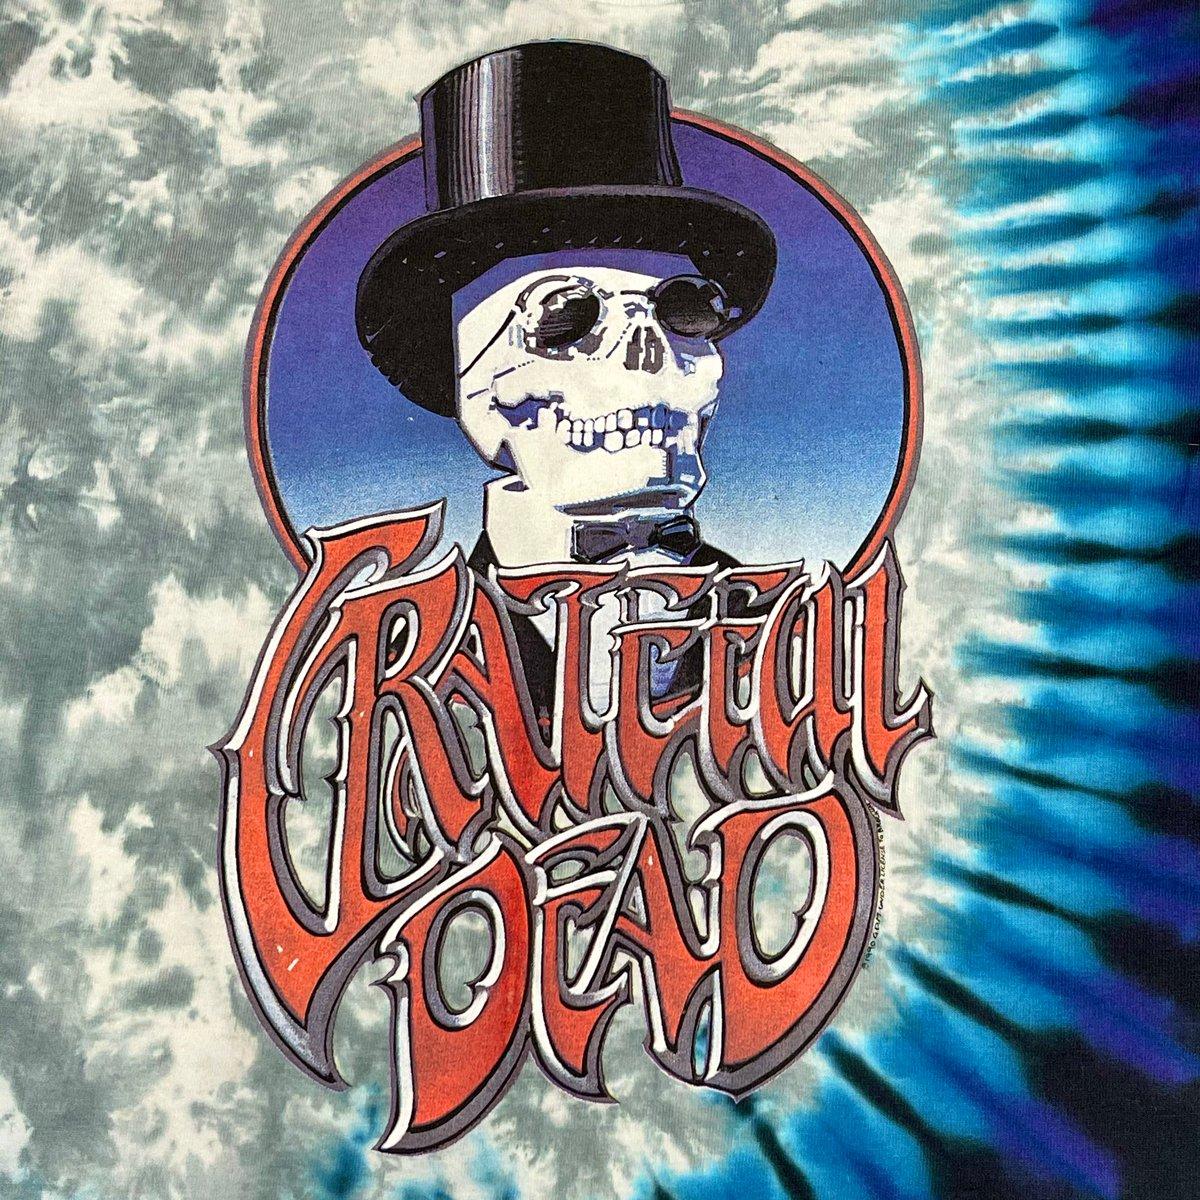 Original Rare Vintage Grateful Dead NYE 1990's Rick Griffin Tee! Large!